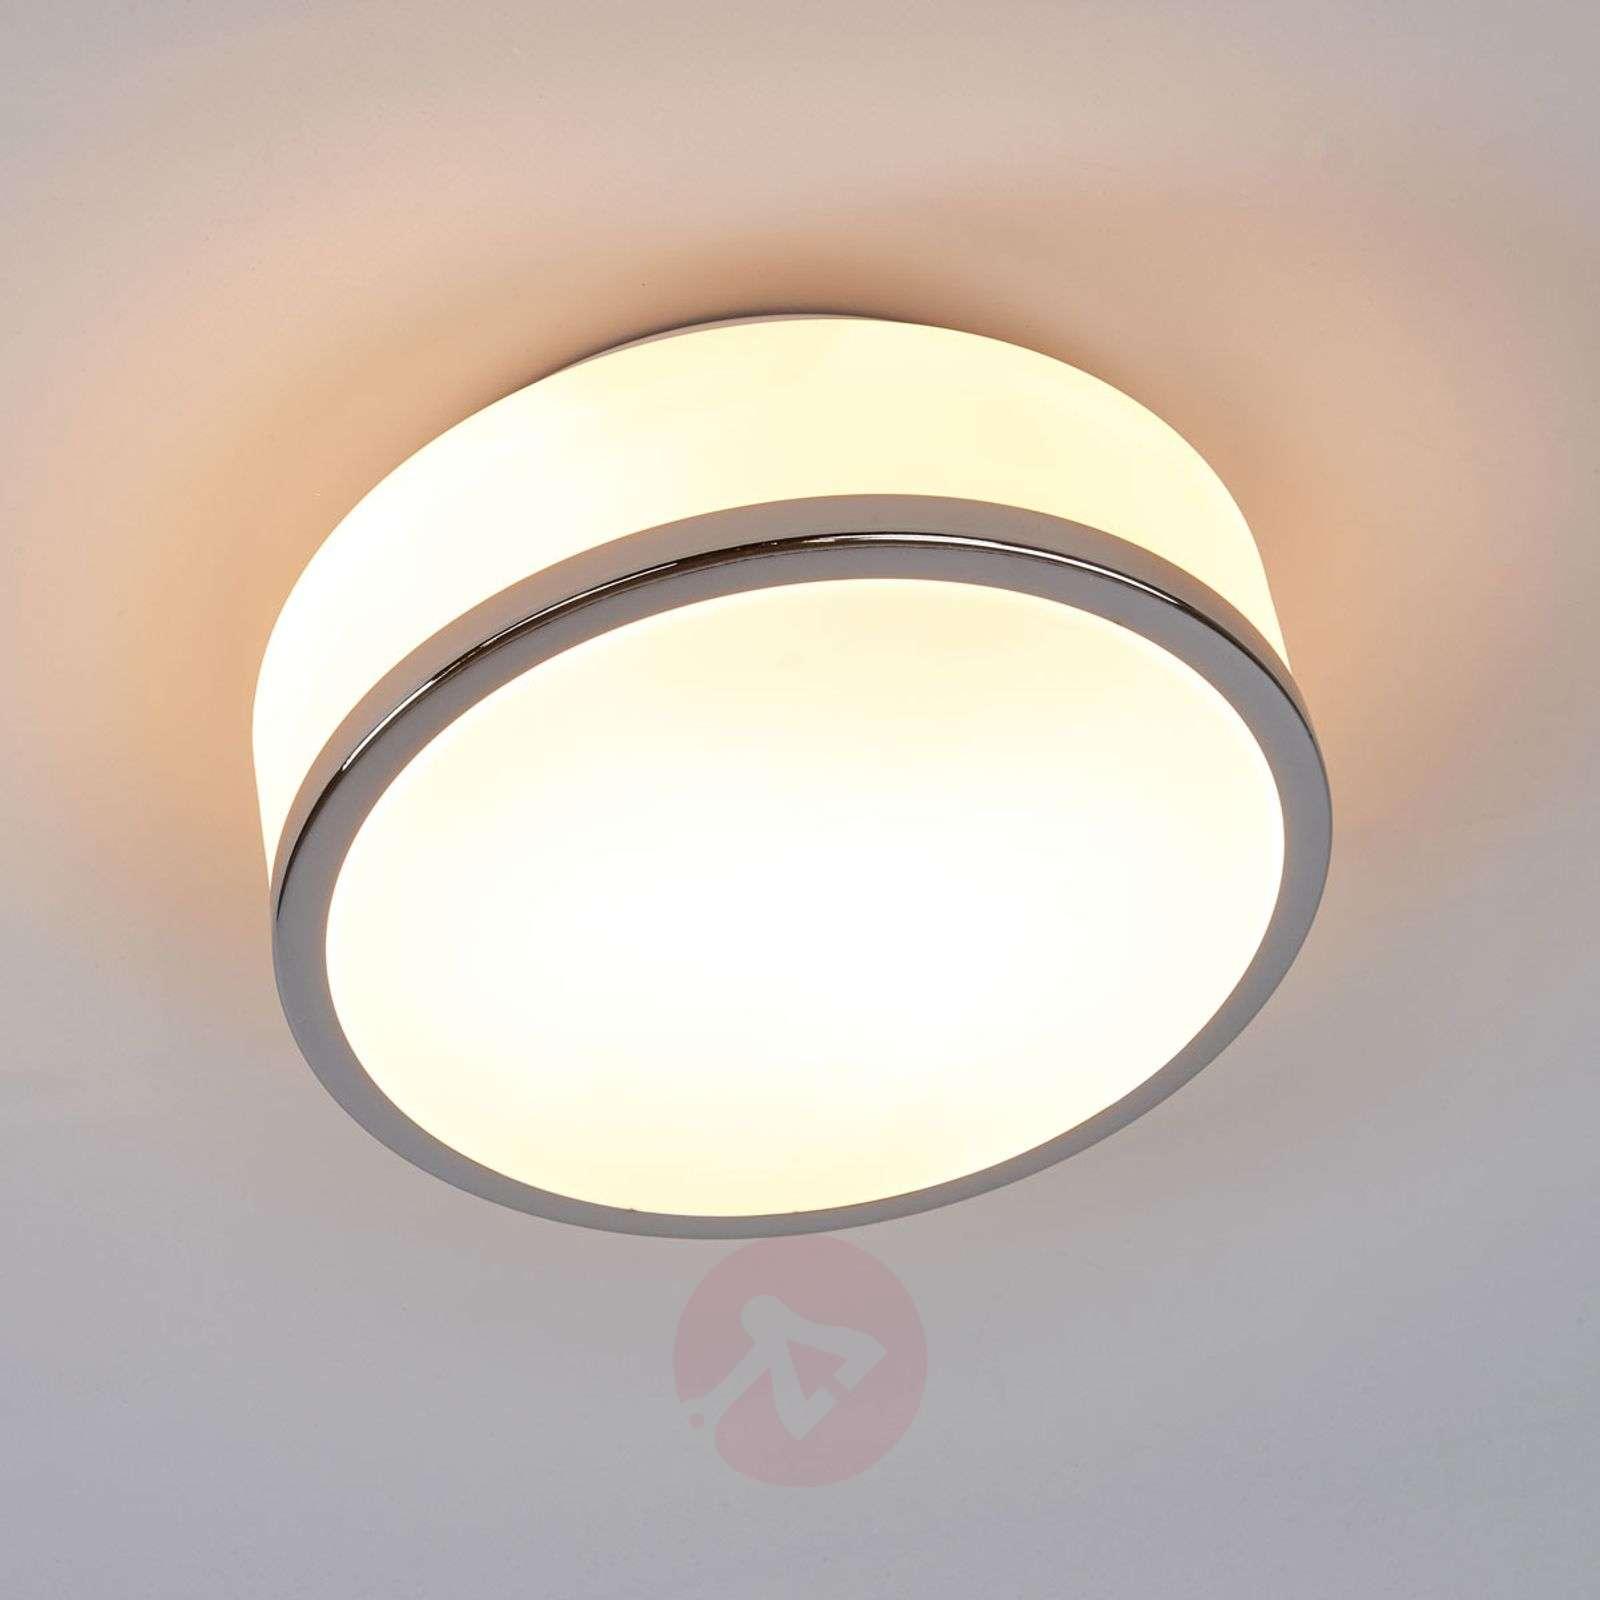 Flush elegant ceiling light, chrome, IP44, 23 cm-8570562-01